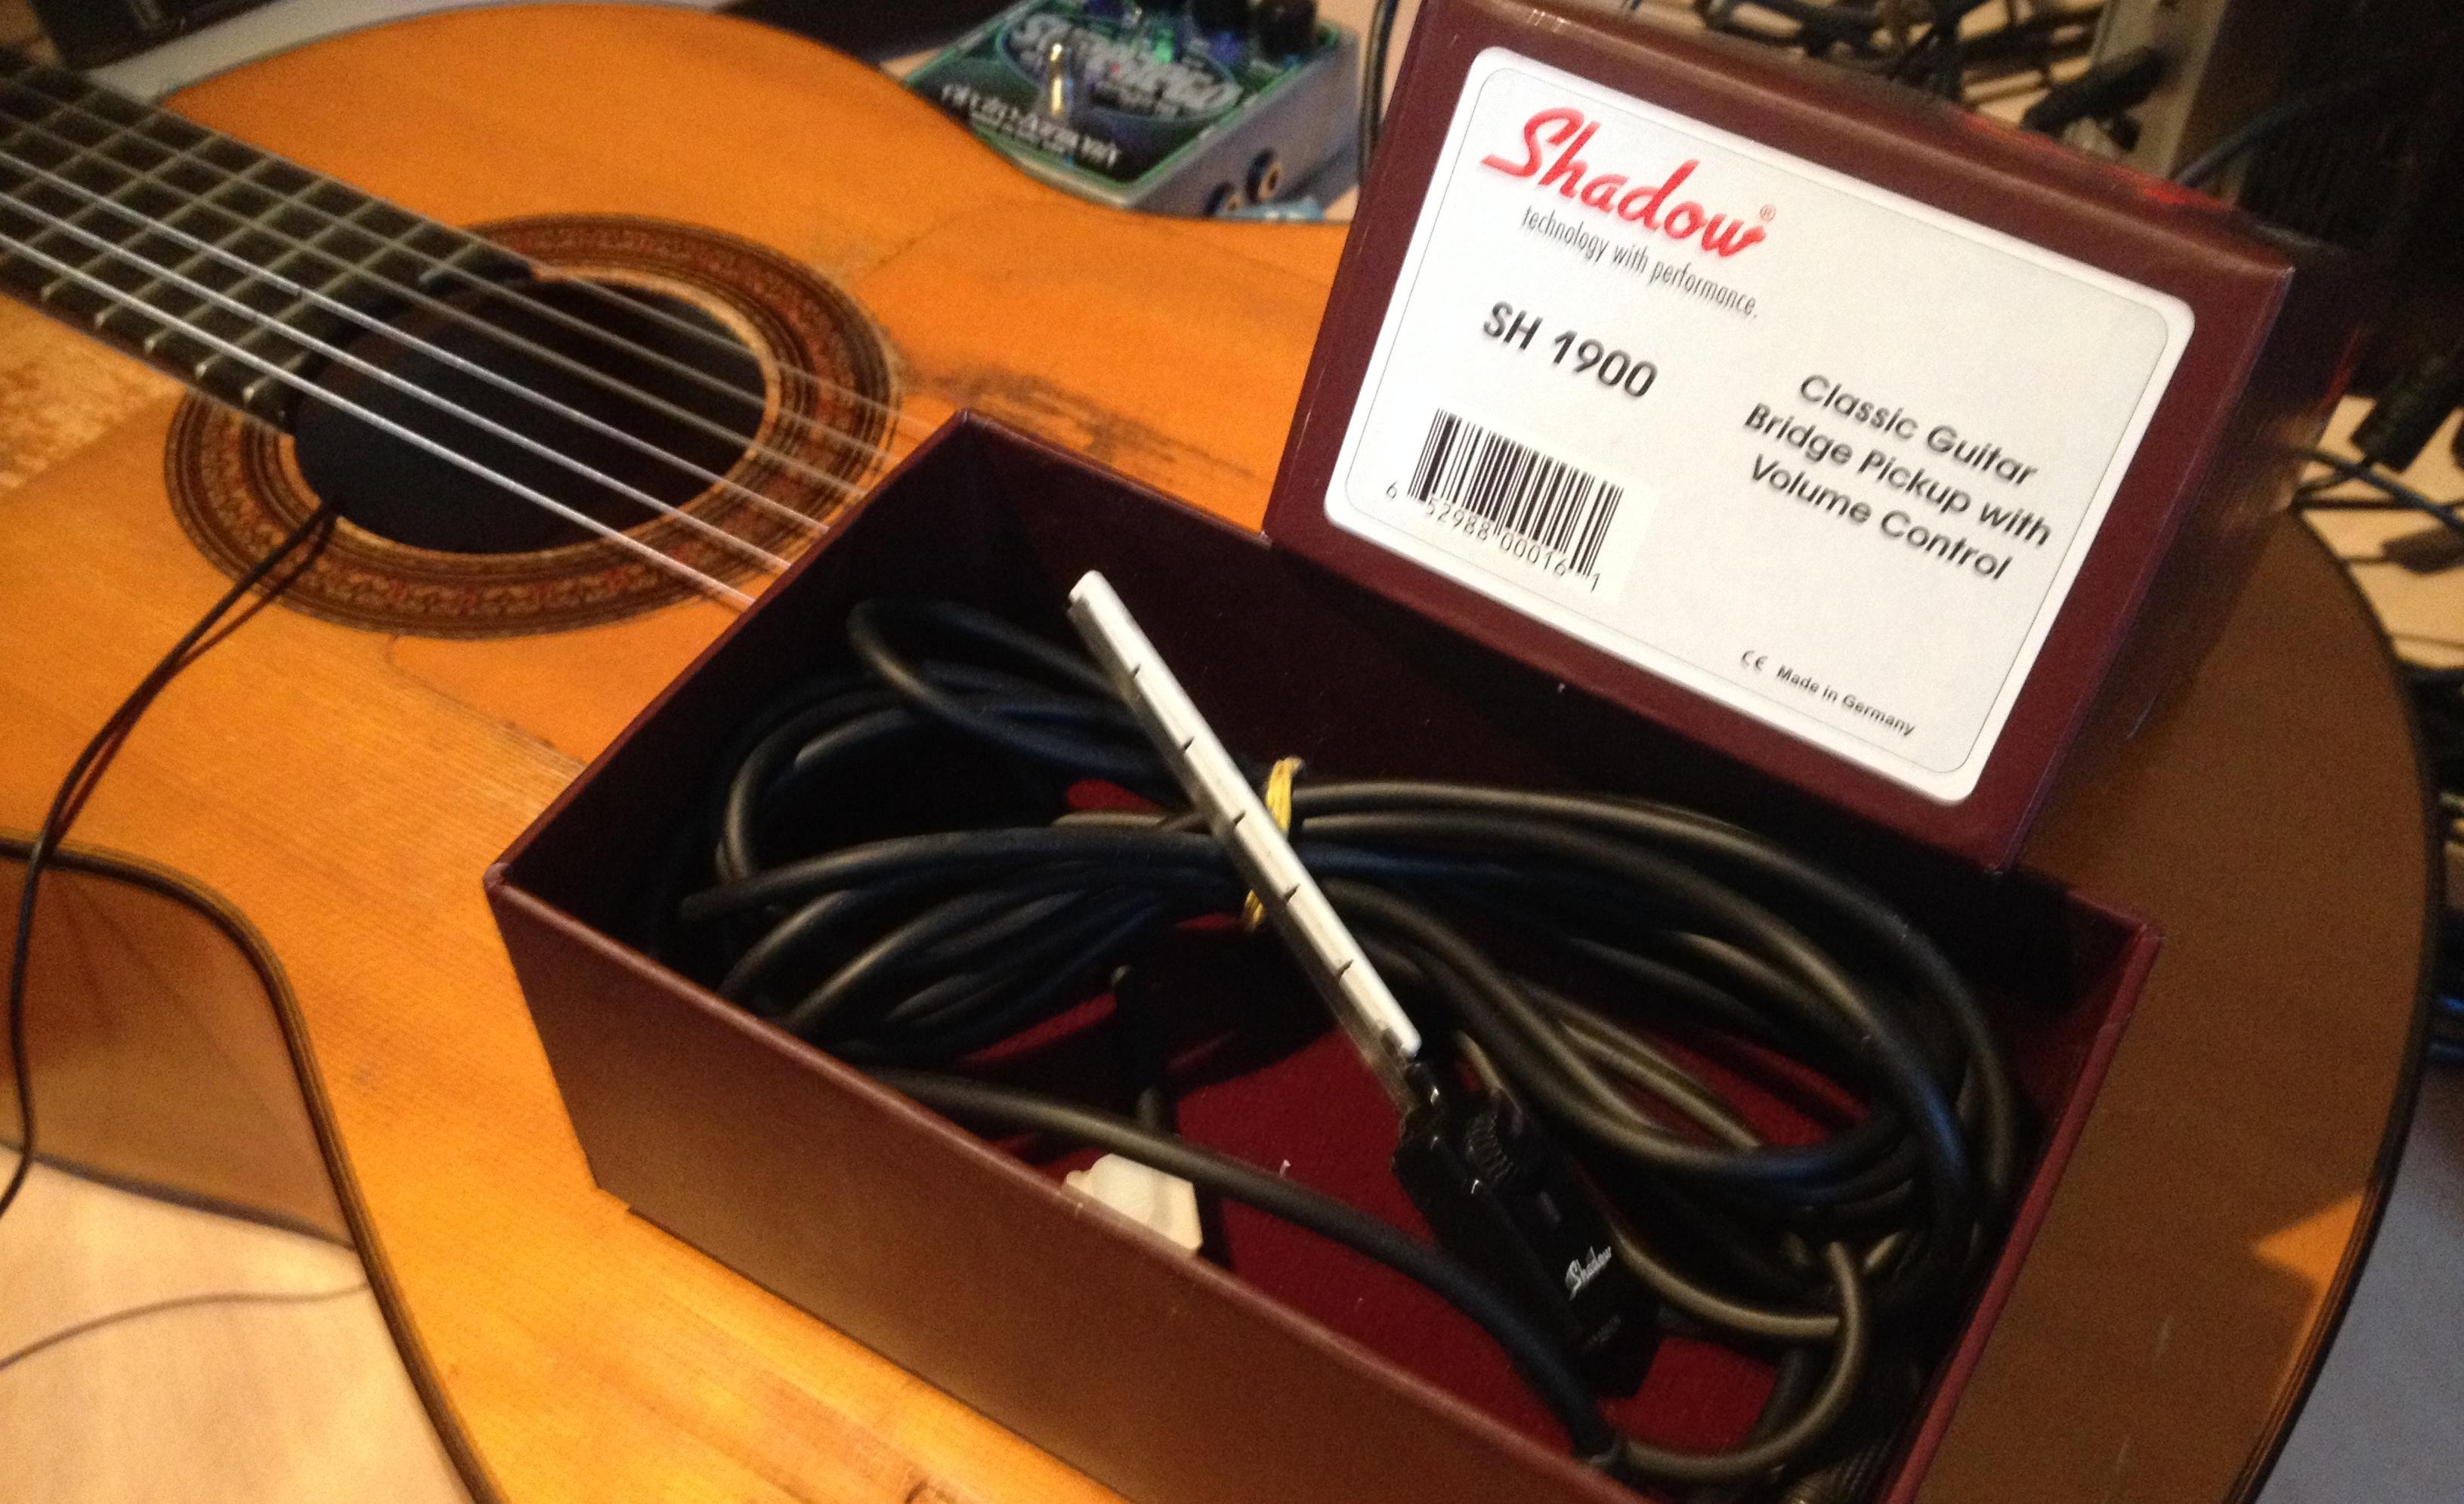 micro guitare classique shadow sh1900